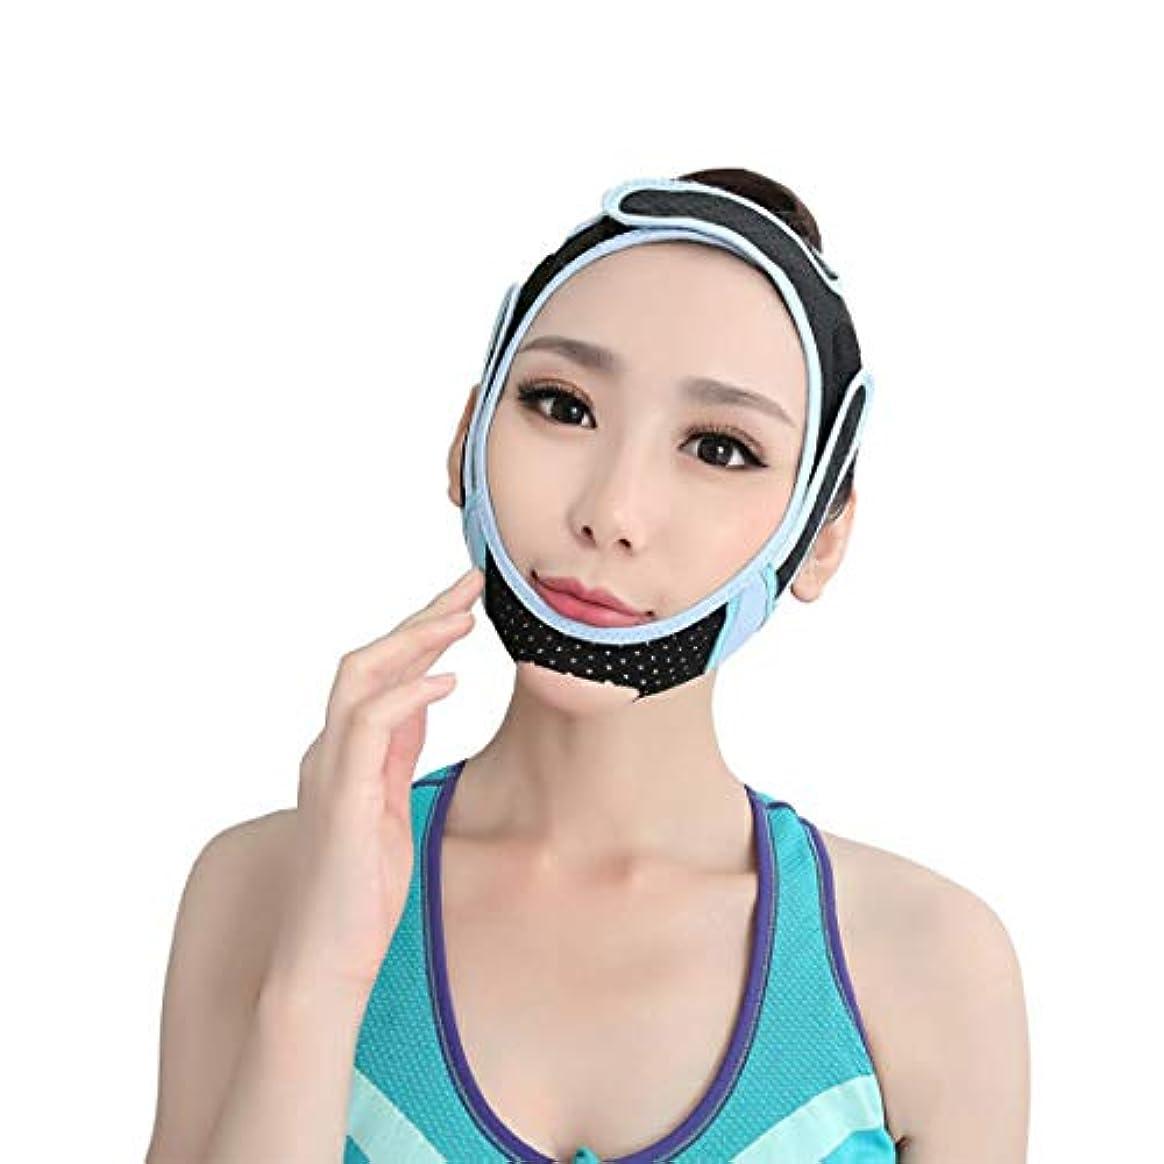 たまに慢性的爪小顔 ベルト リフトアップ フェイスマスク グ矯正 Vライン 美顏 顎サポーターサポータマスク ベルト 美顏器 男女兼用 通気性抜群 ホワ